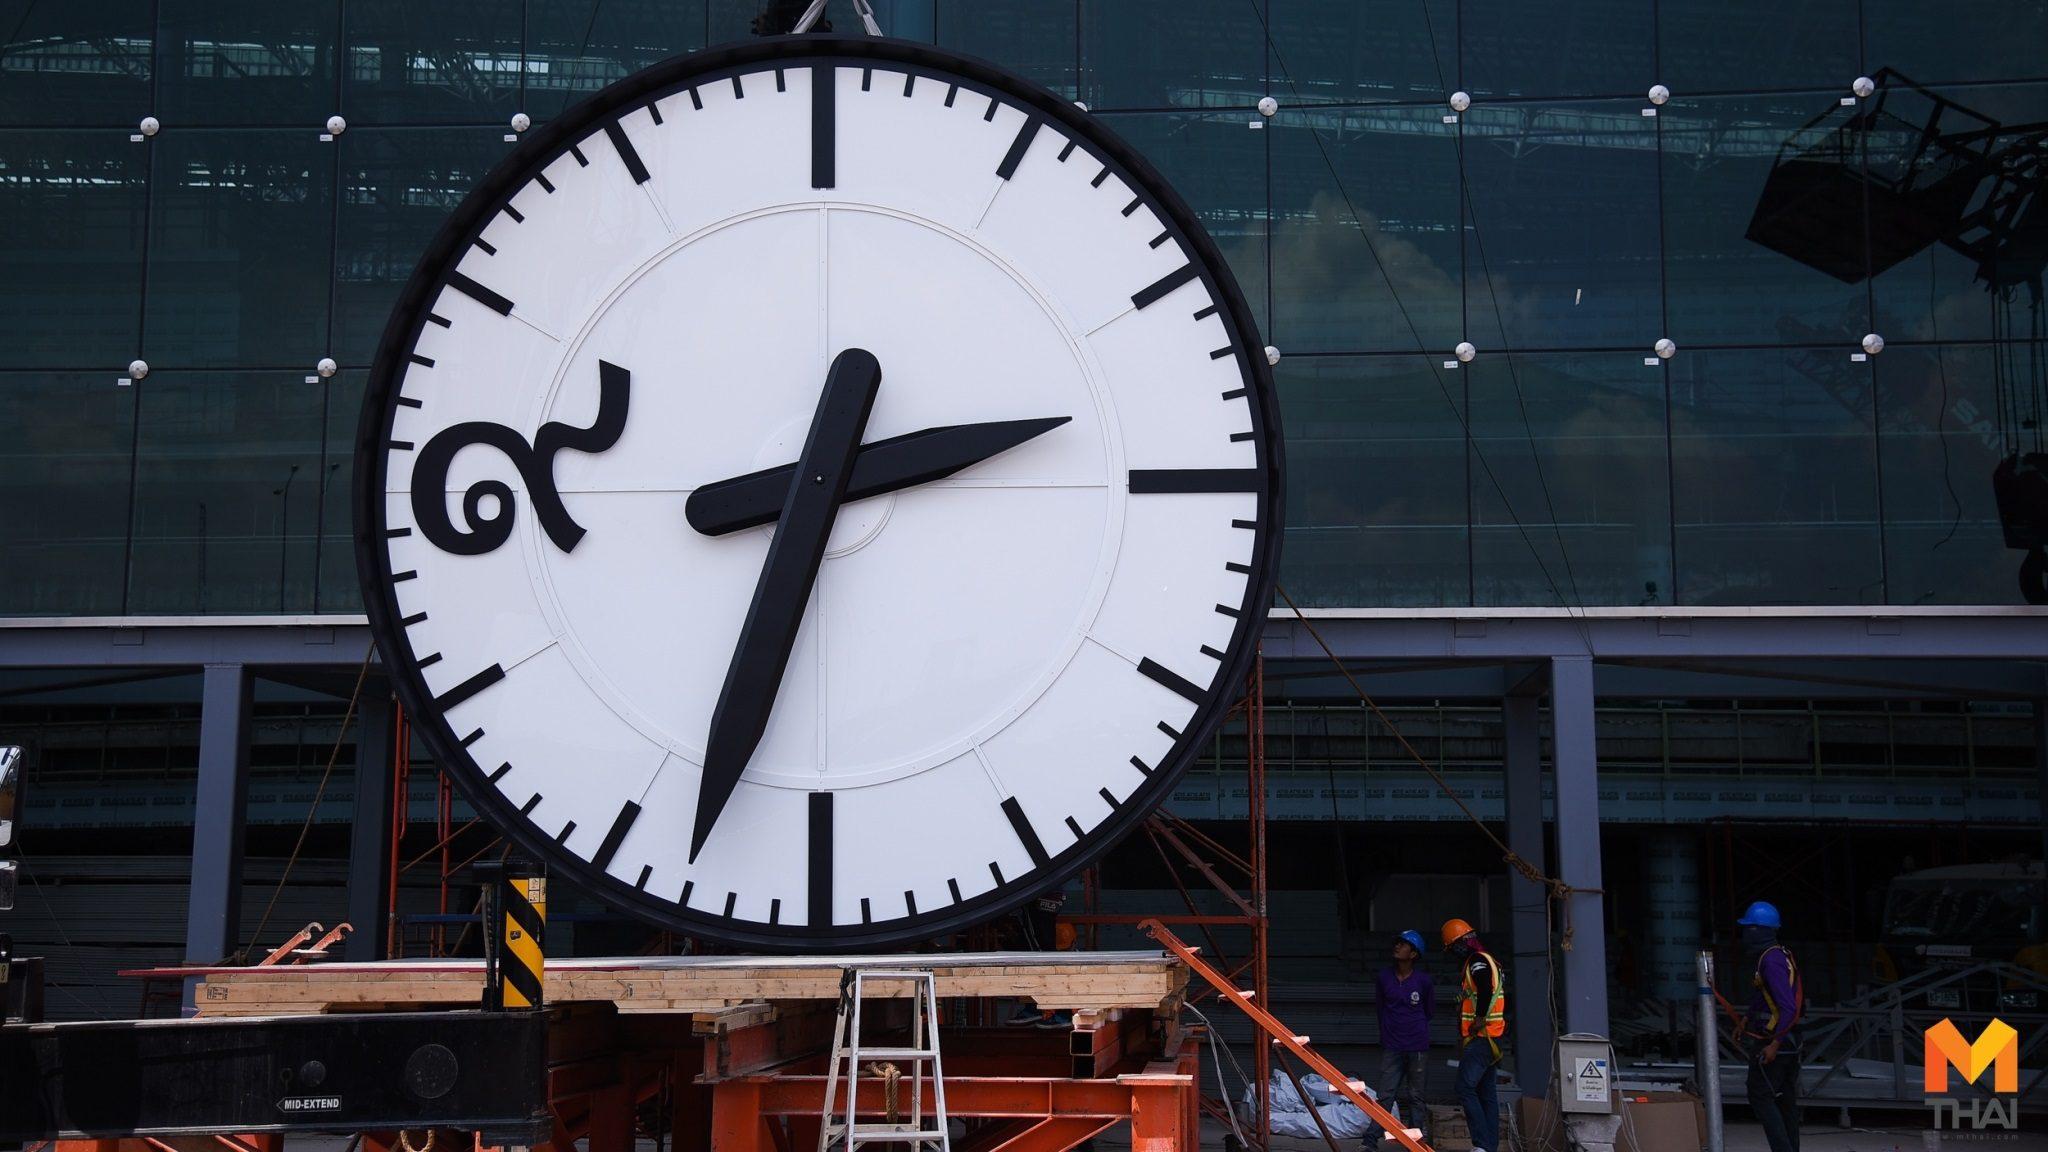 เตรียมติดตั้ง 'นาฬิกาหน้าปัดเลข ๙' หน้าโดม สถานีกลางบางซื่อ